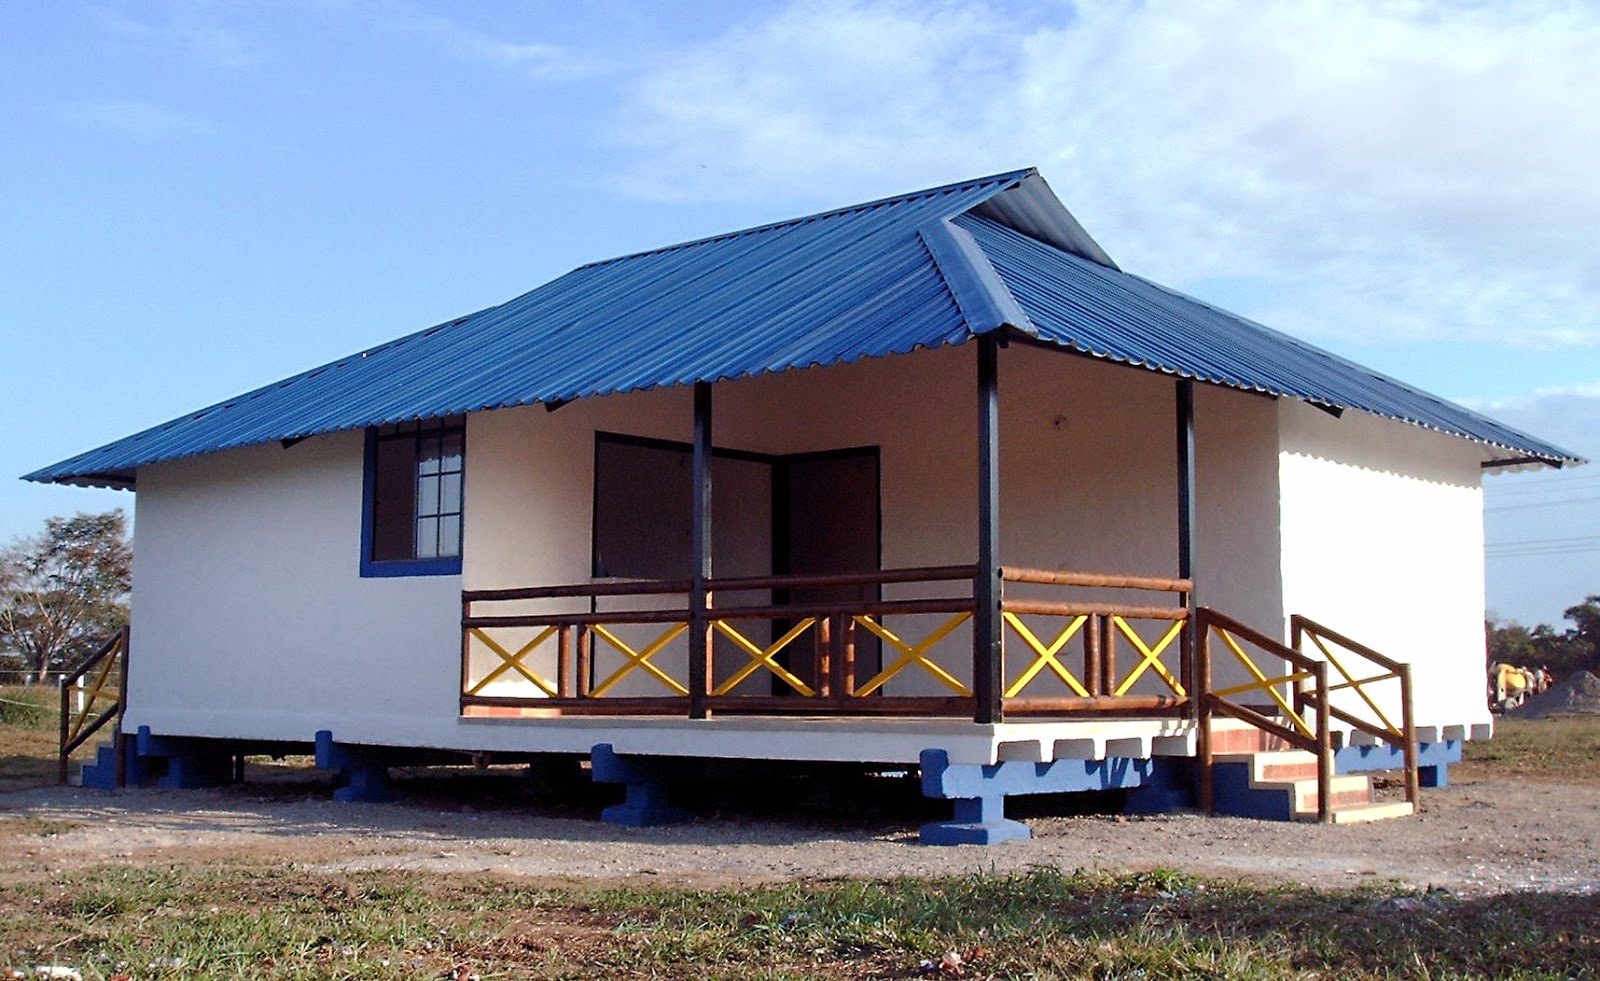 Casas y caba as prefabricadas villavicencio for Casas prefabricadas de diseno minimalista